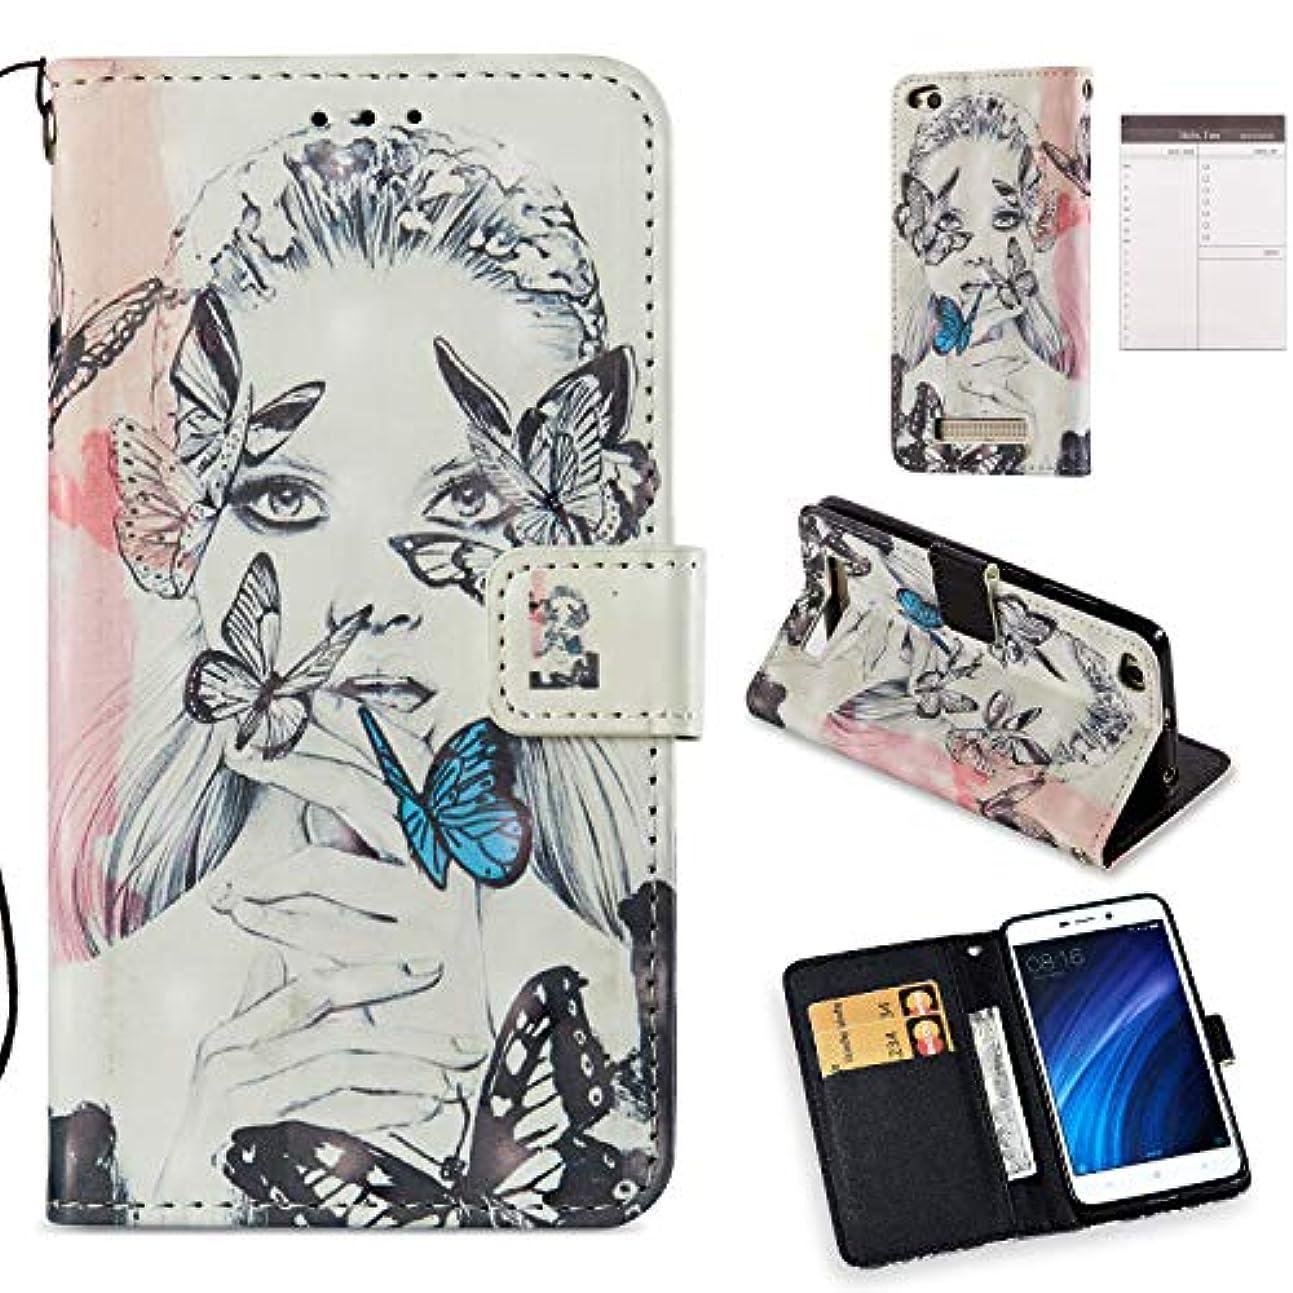 慢性的赤字ラフサムスン ギャラクシー Samsung Galaxy S7 edge ケース 対応 耐摩擦 耐汚れ レザー スマホケース 本革 手帳型 財布 カバー収納 [無料付メモ]